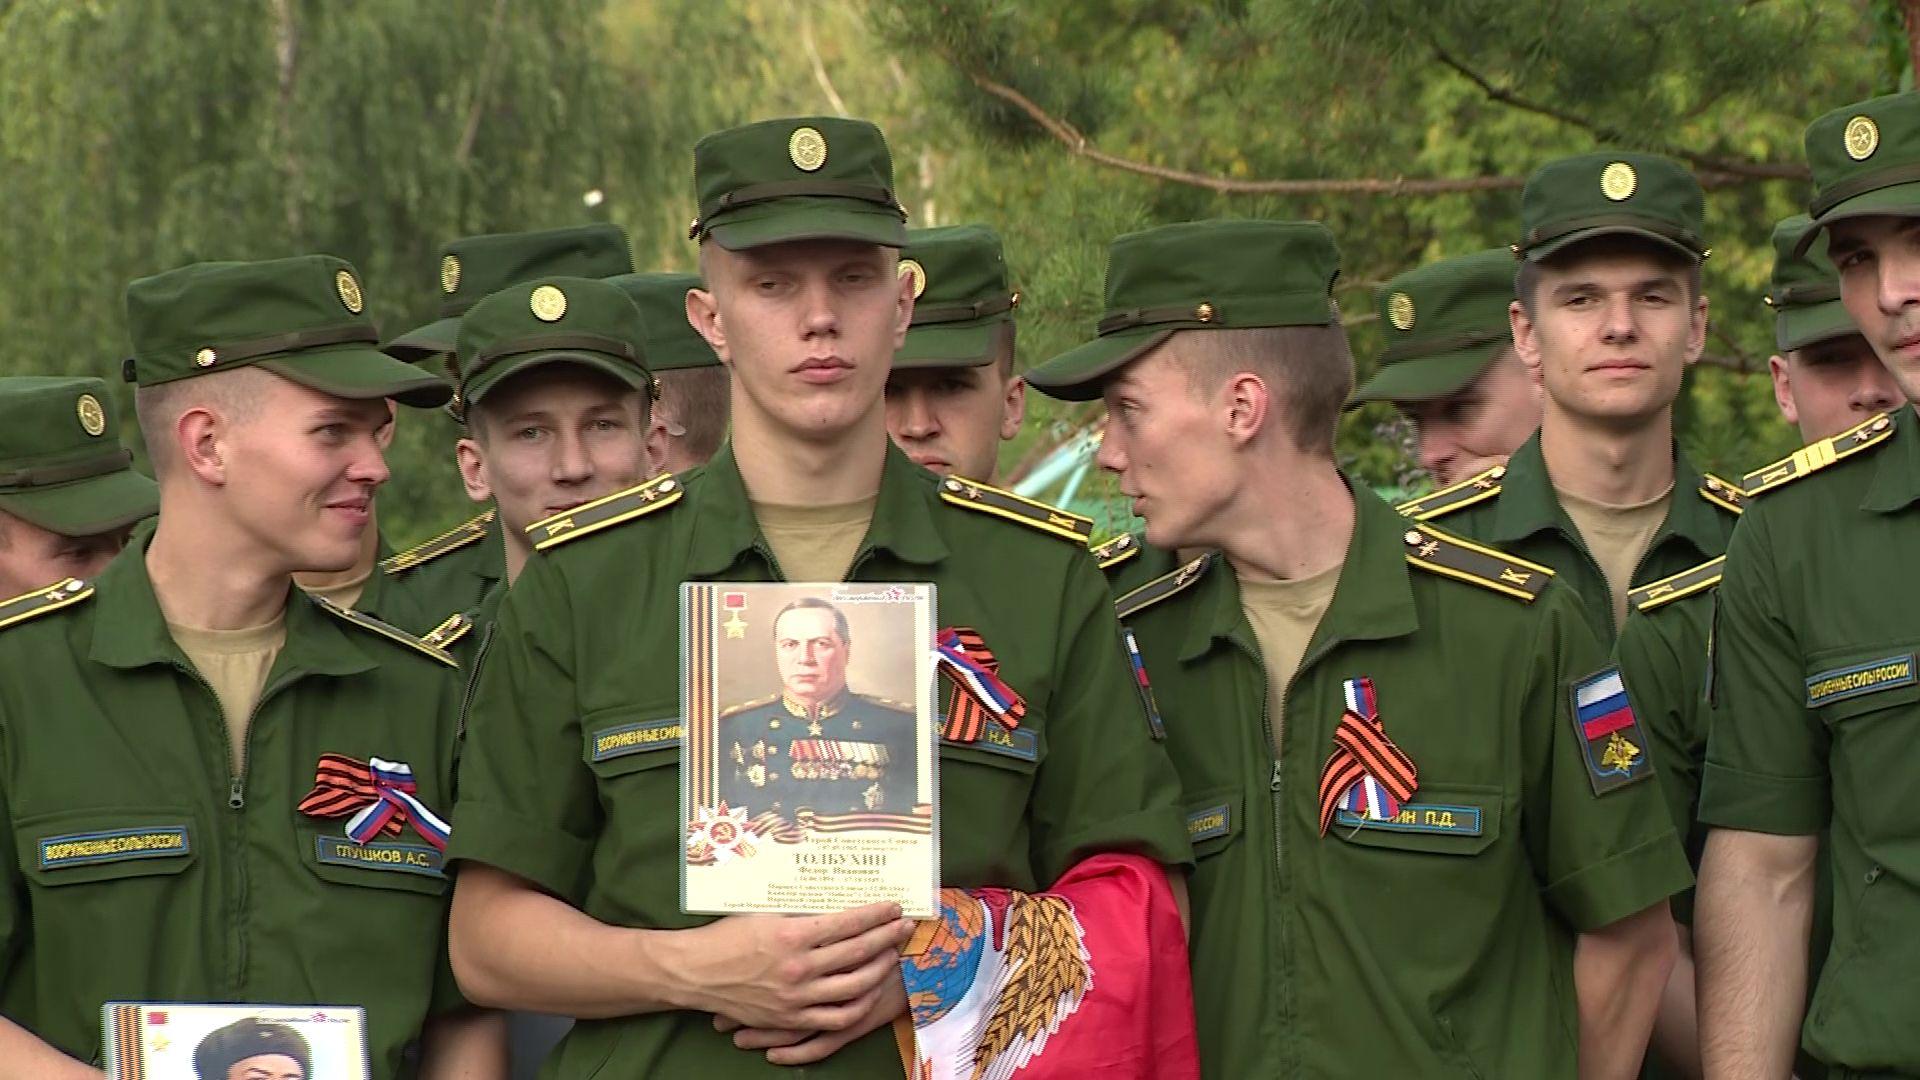 В Ярославле на улицах, названных именами Героев Советского Союза, проходят торжественные мероприятия